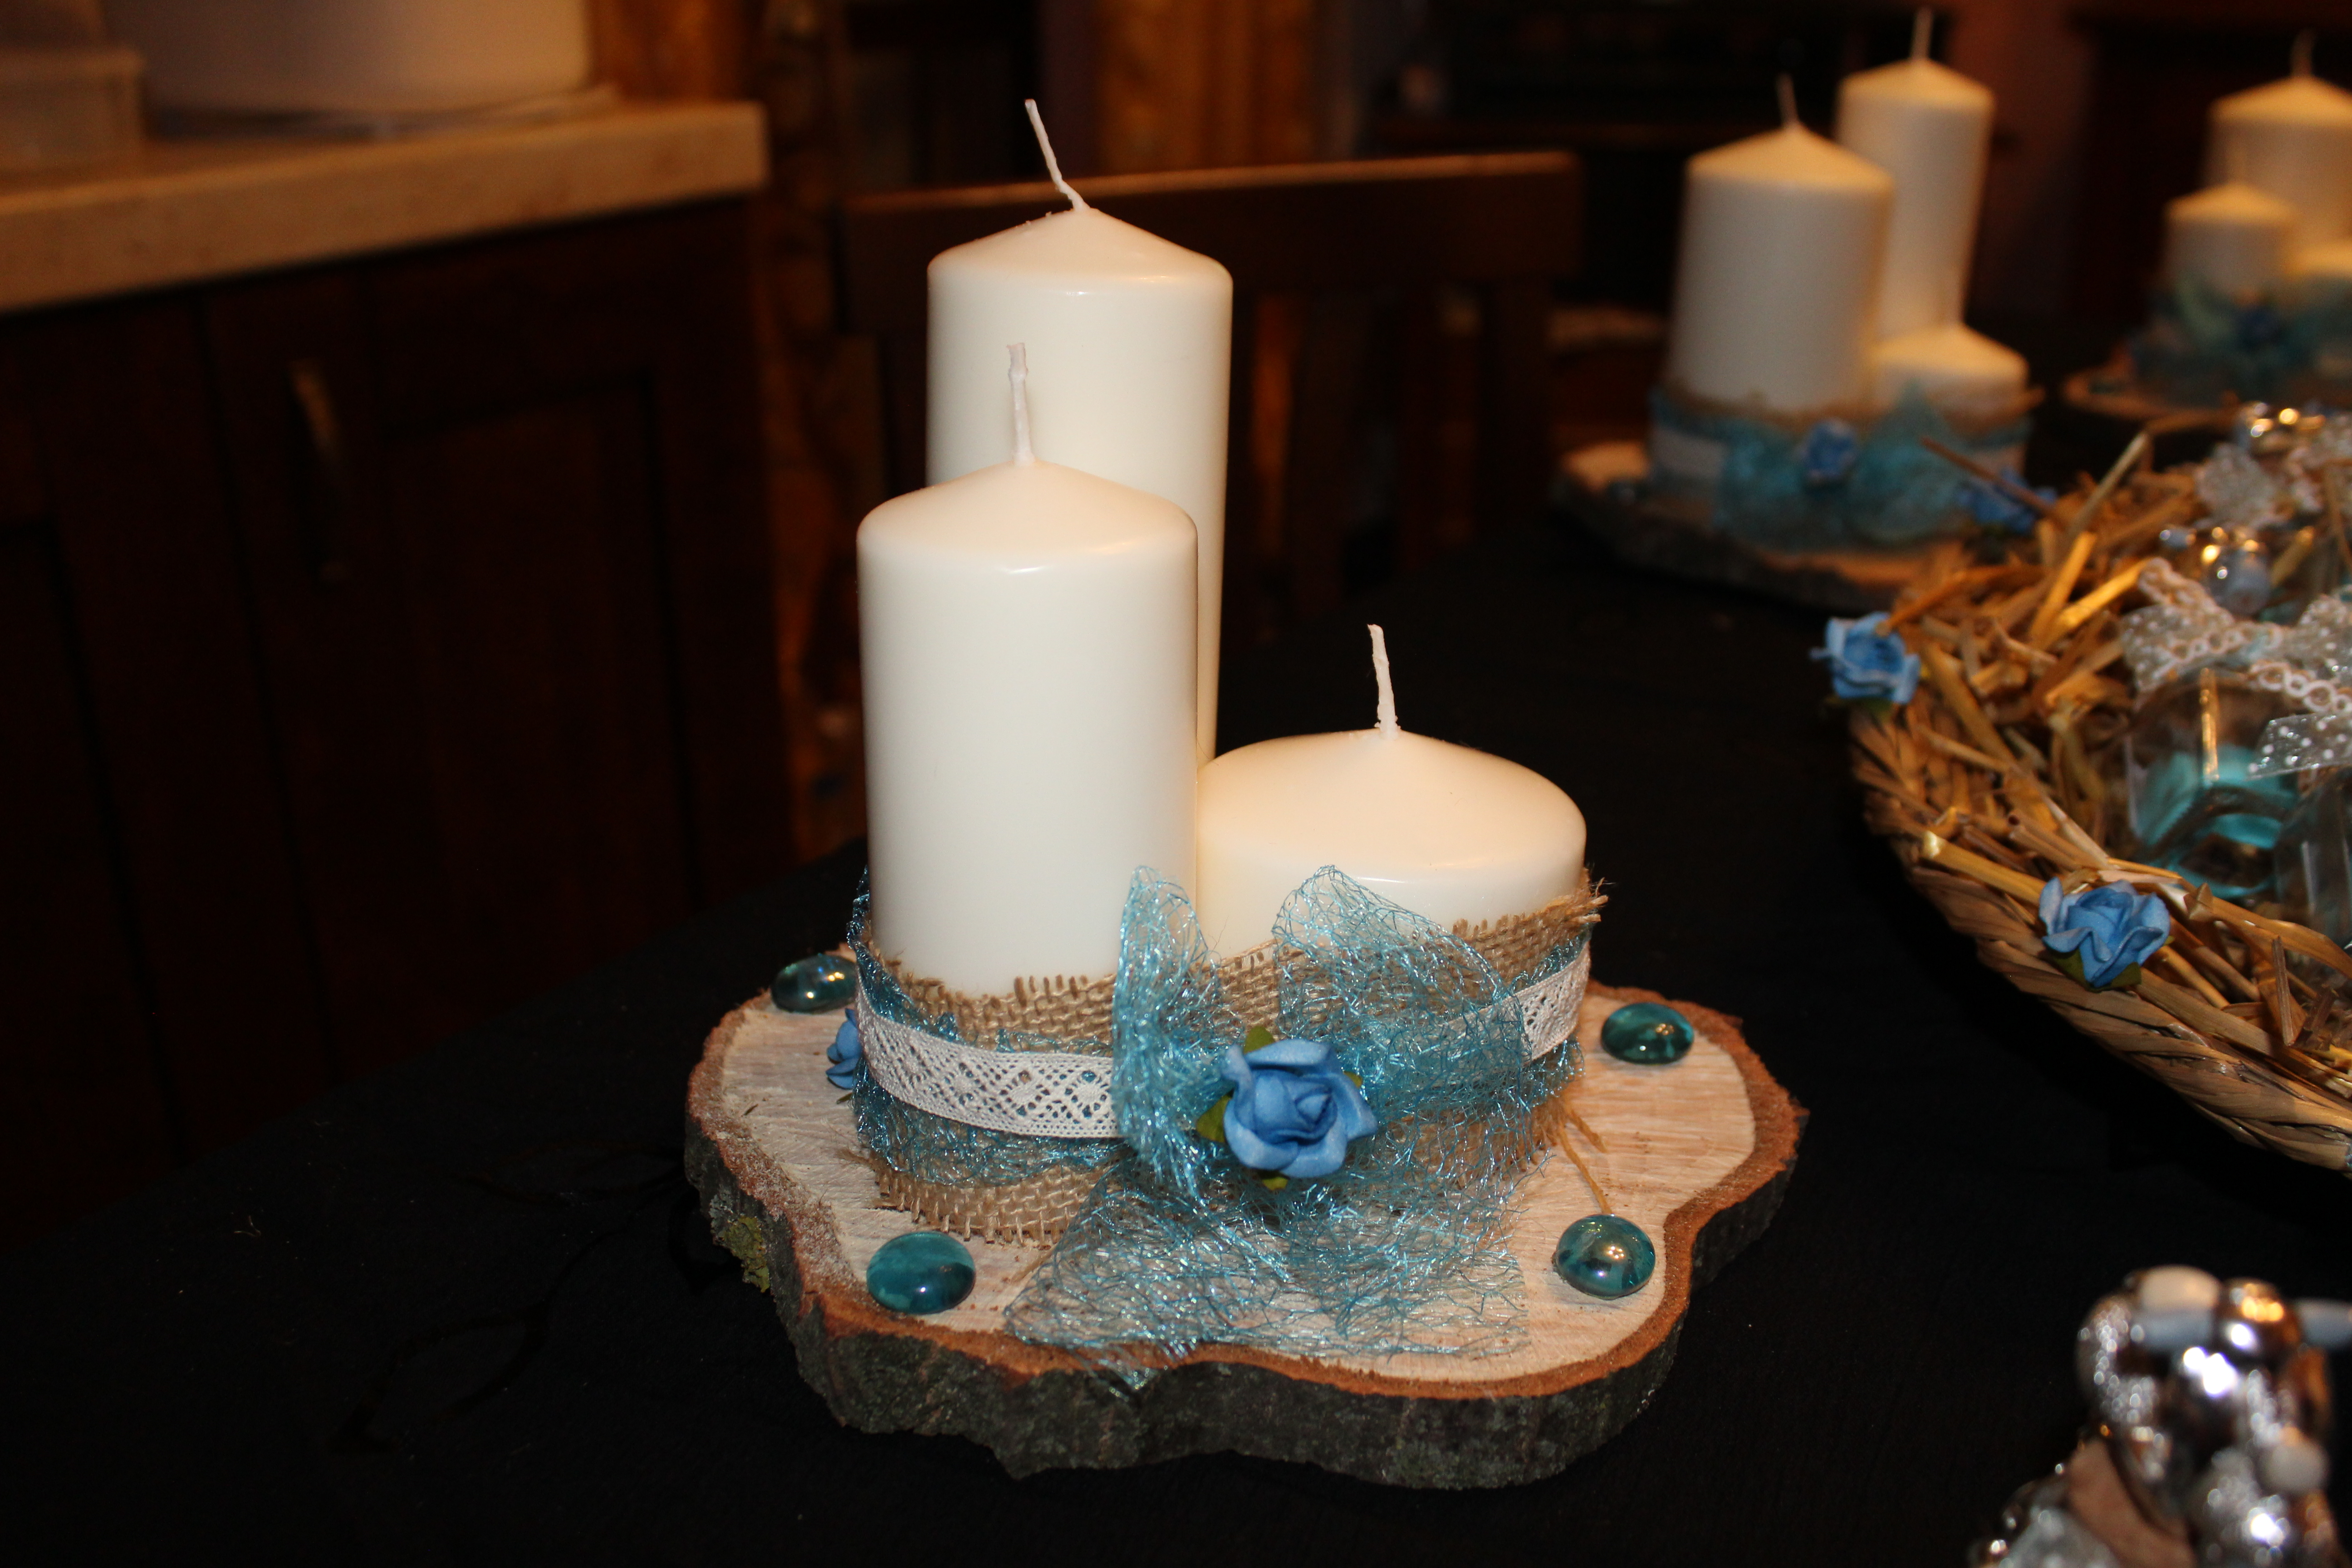 Battesimo: Bomboniere, inviti e centro tavola  Paola Rossato